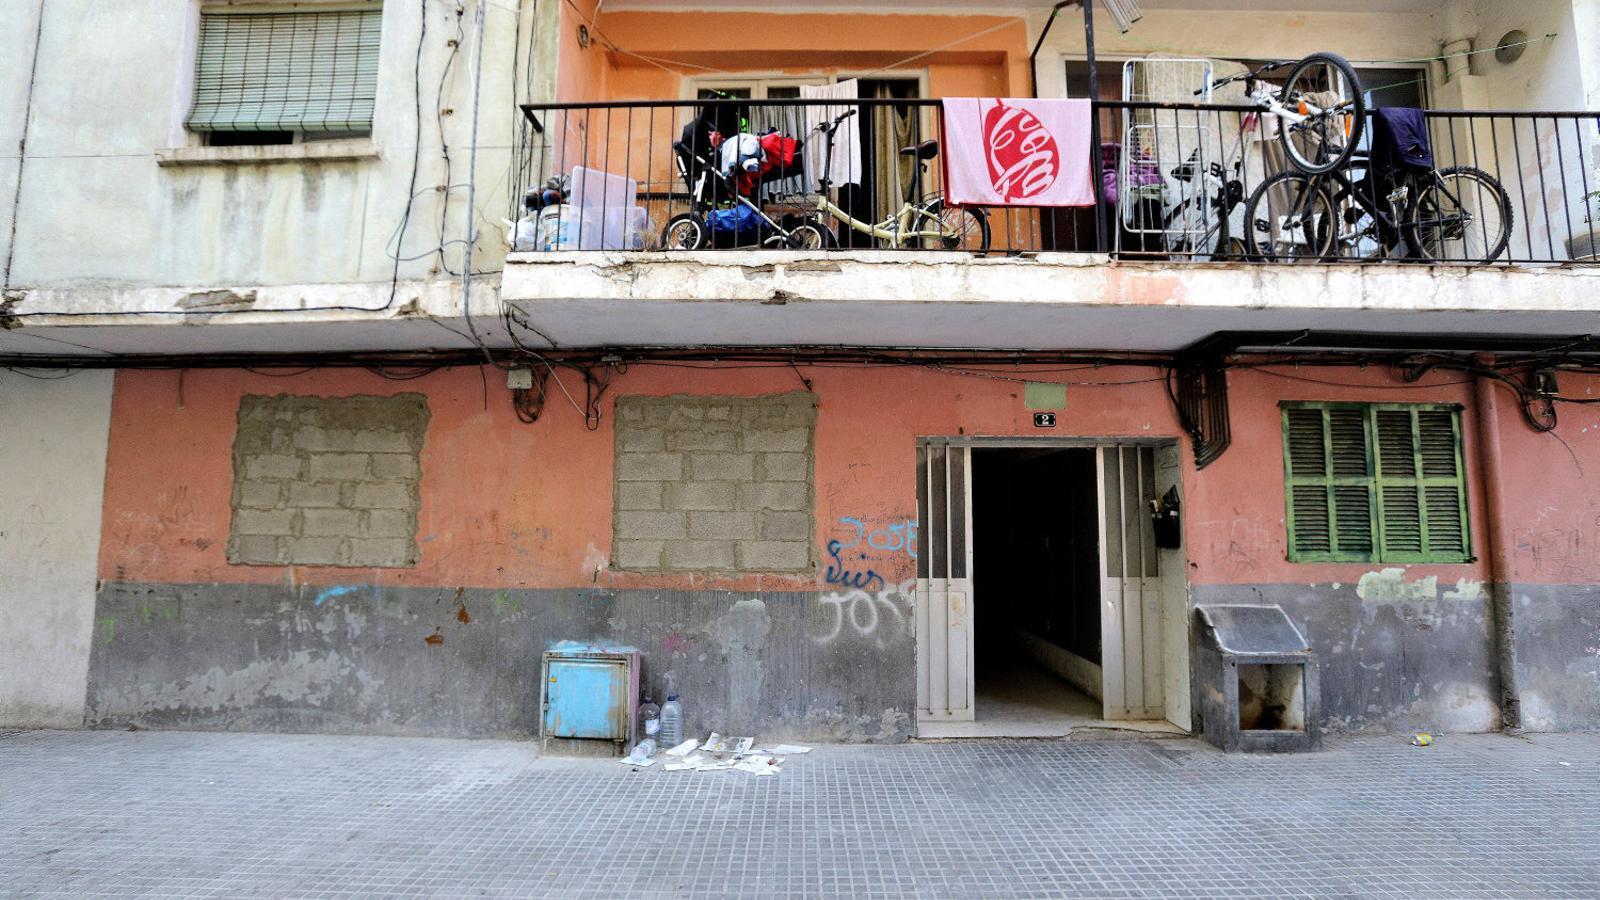 Dos terços dels desnonaments                        de Palma són per expulsar dones